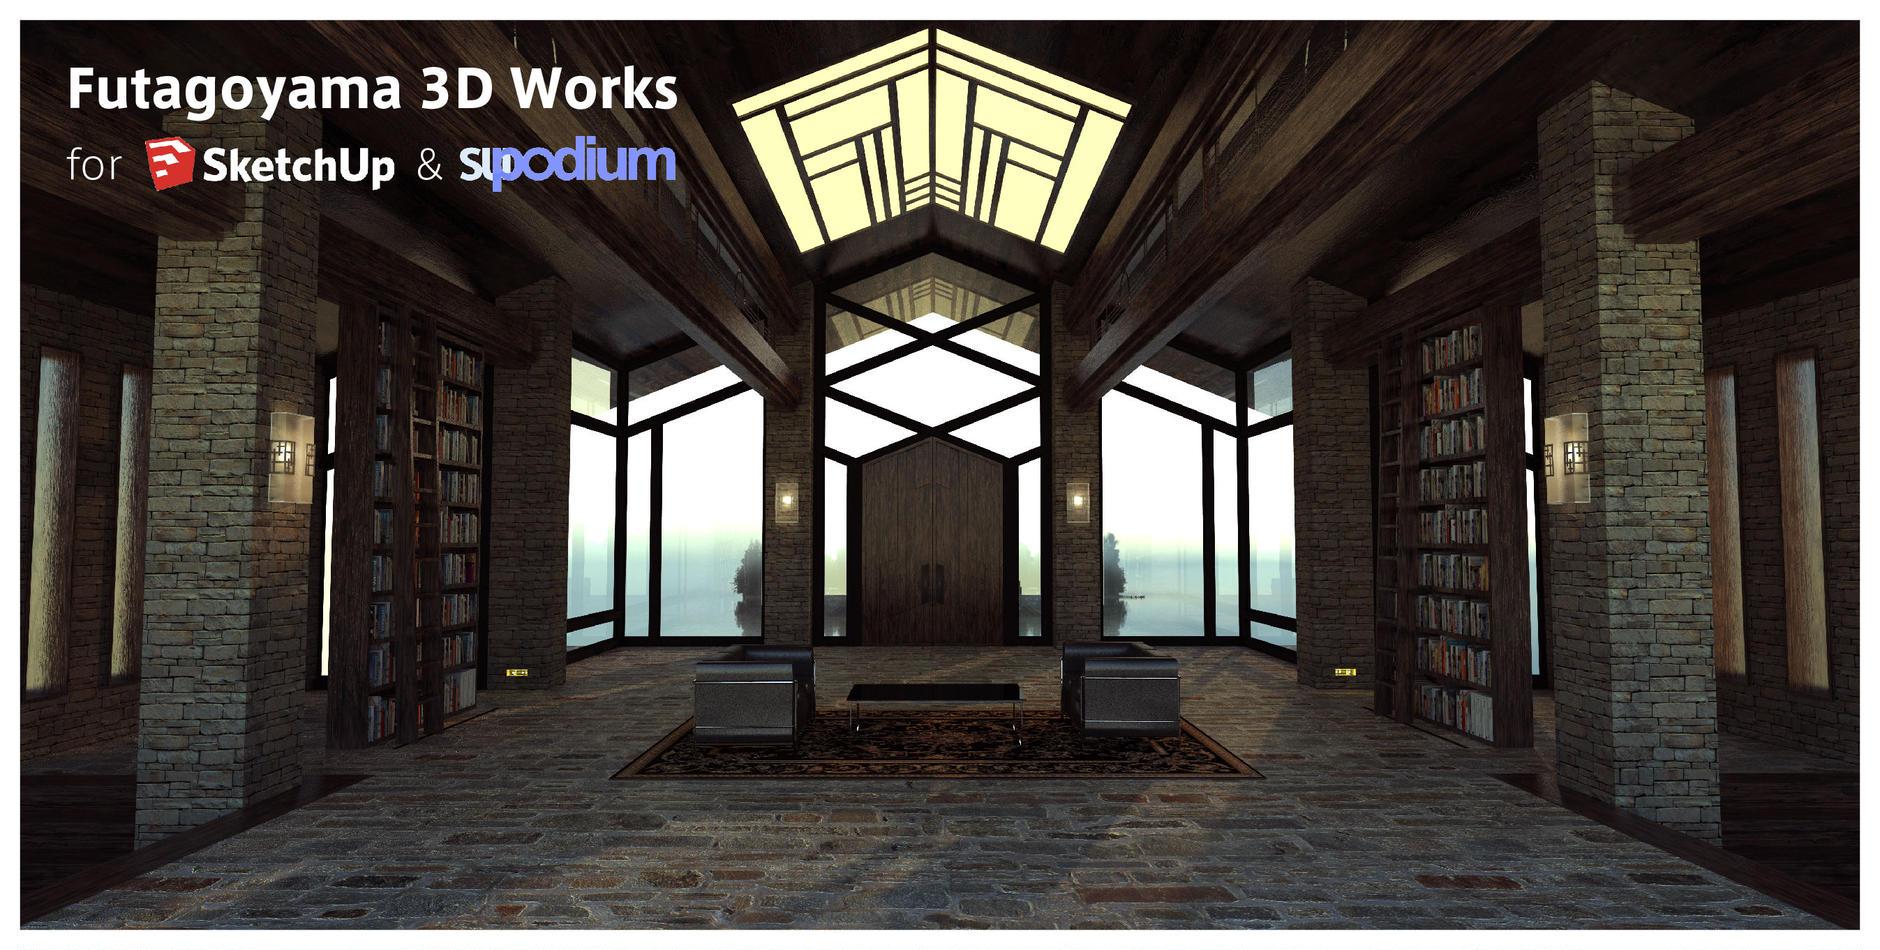 Futagoyama 3D Works